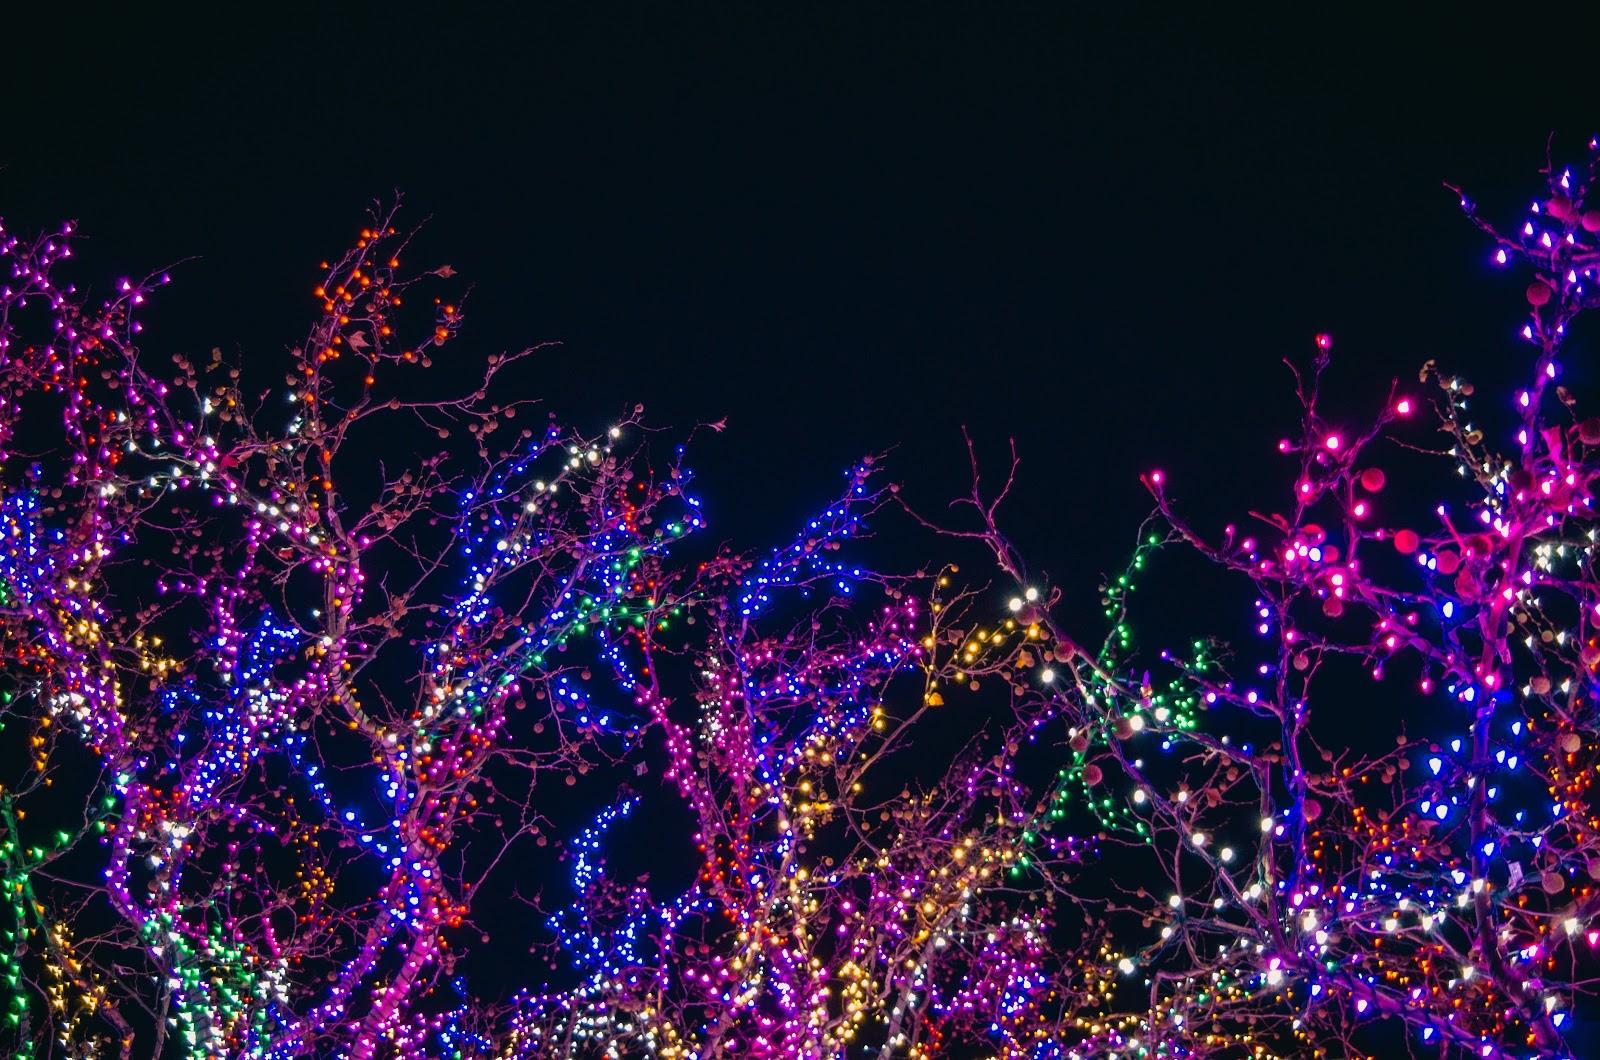 Stunning Holiday Lights on Trees